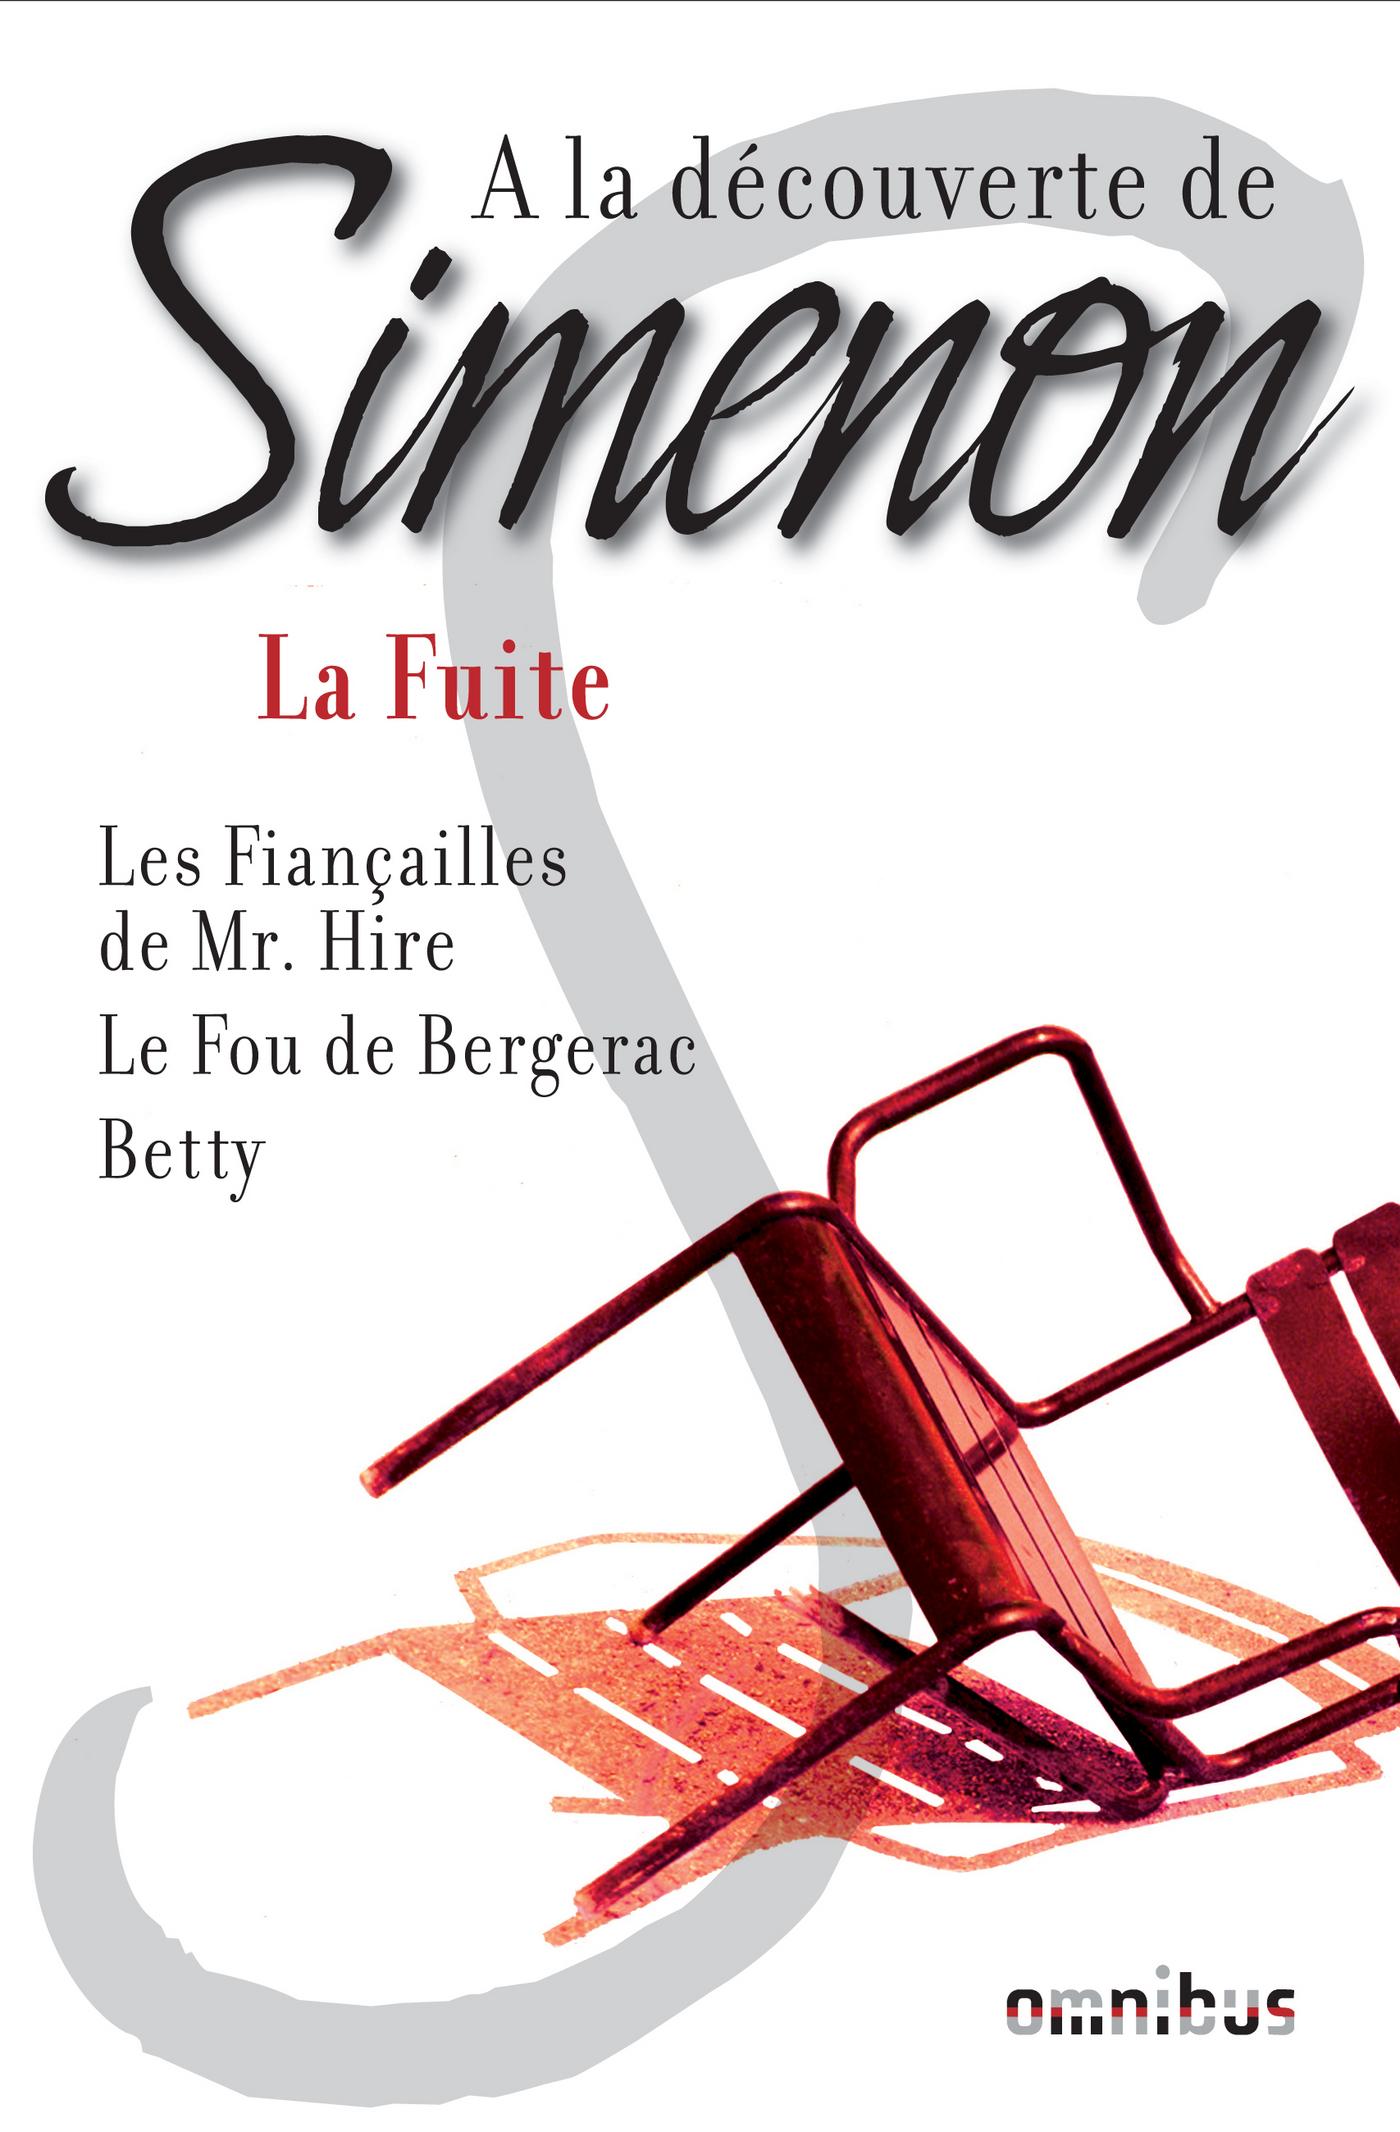 A la découverte de Simenon 3